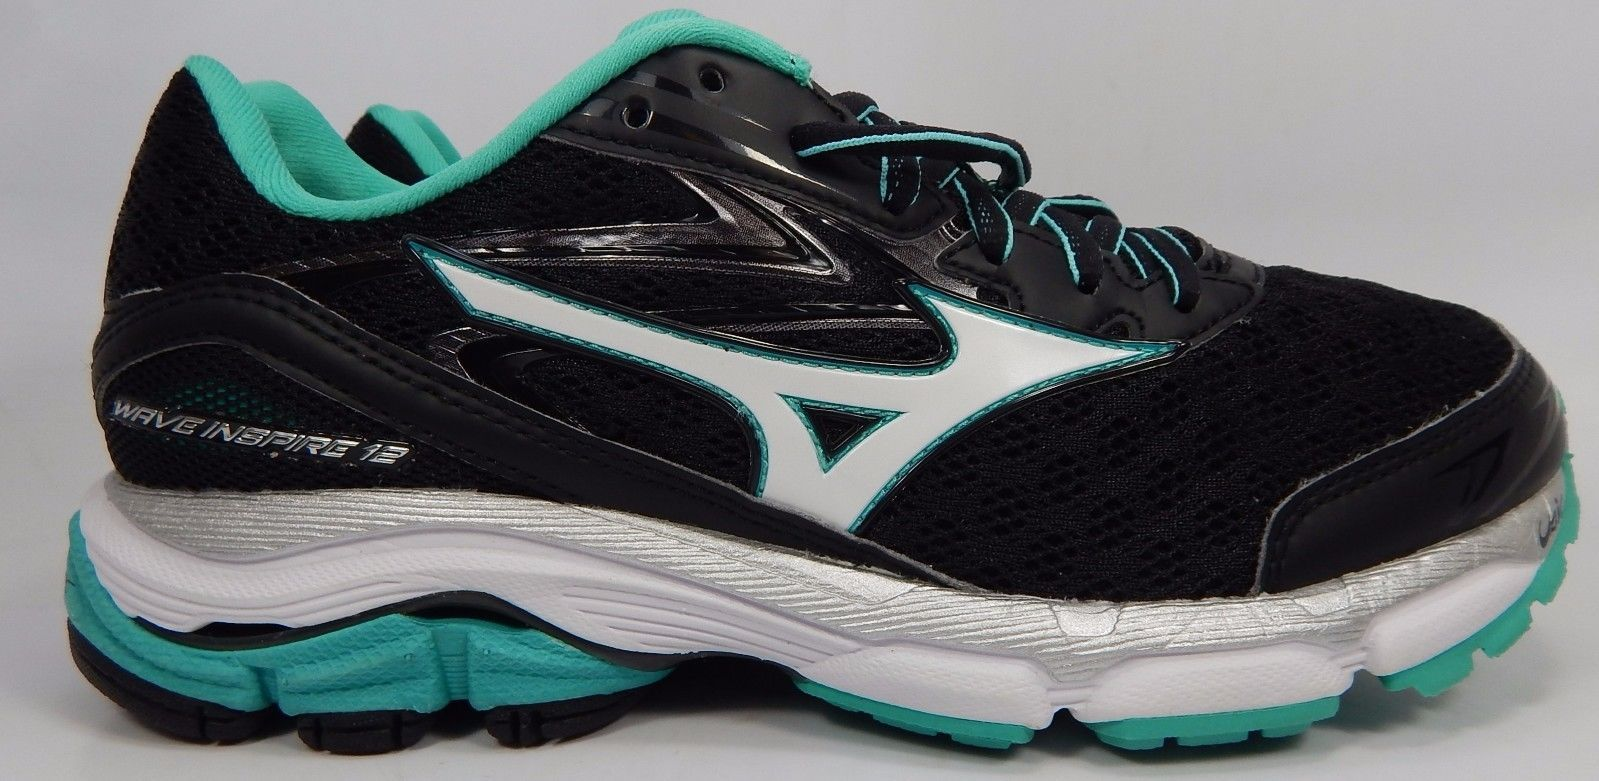 Mizuno Wave Inspire 12 Women's Running Shoes Size US 7 M (B) EU 37 Black Green